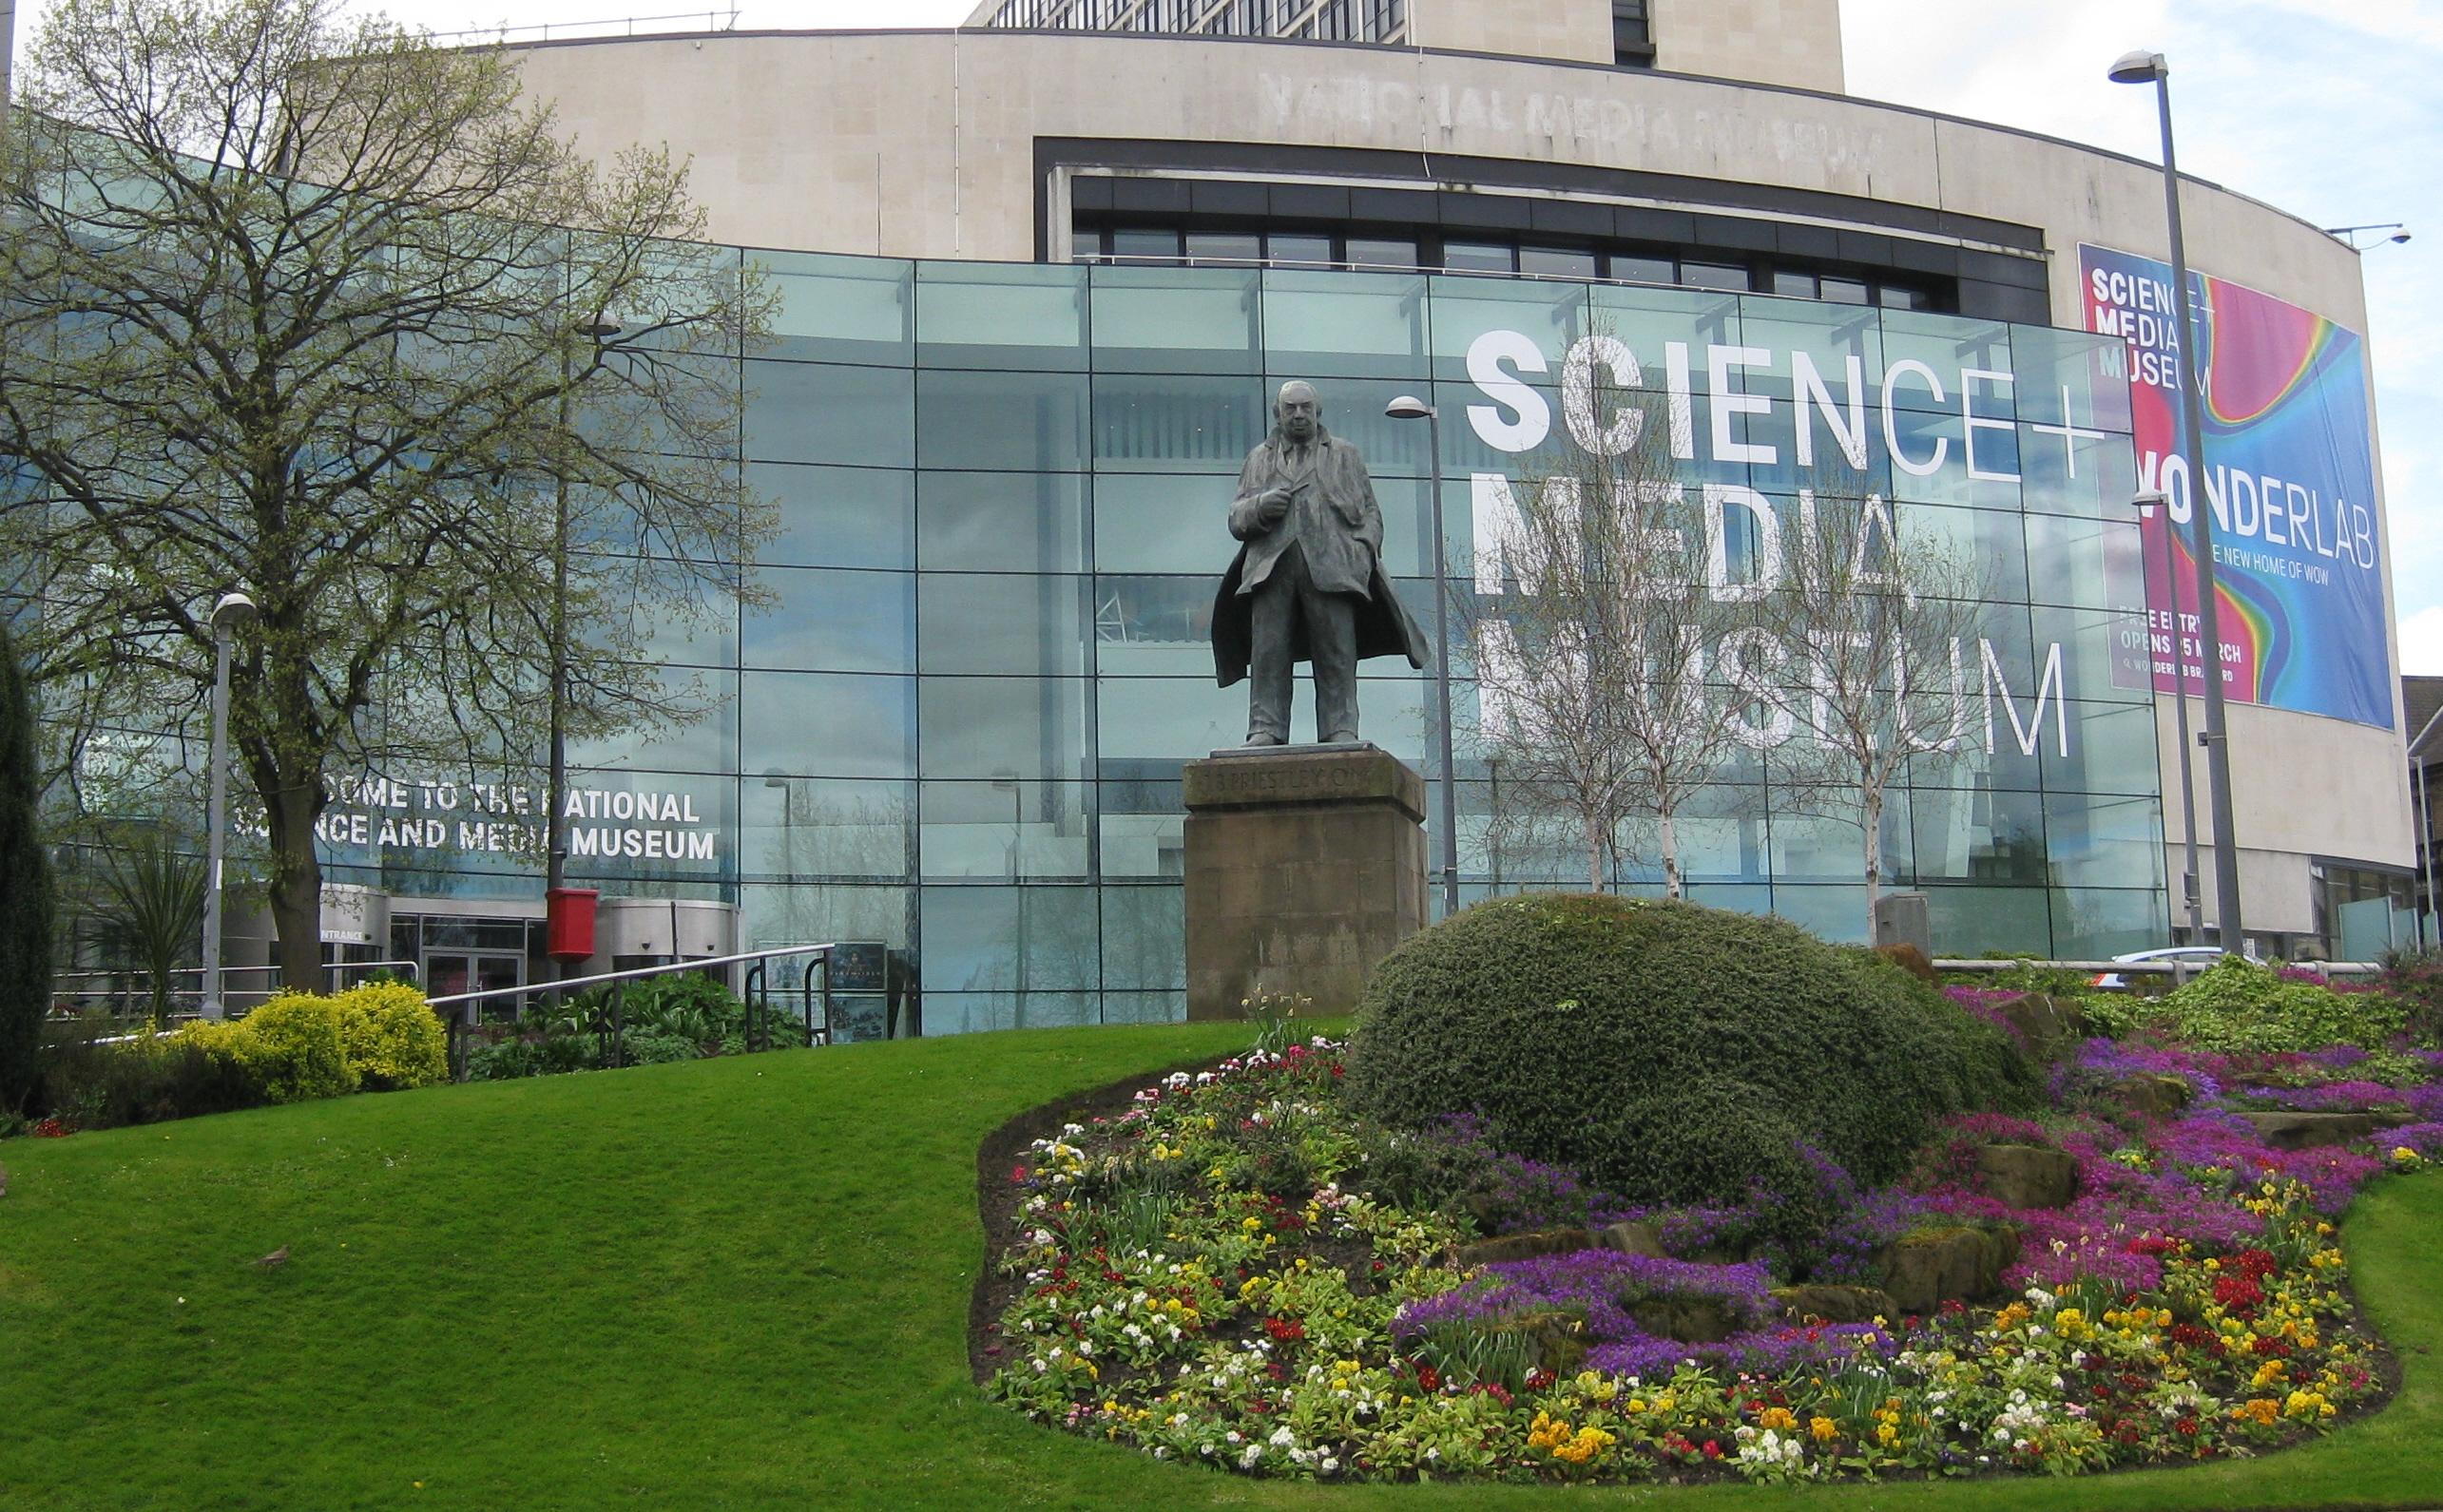 D Printing Exhibition London Science Museum : Science museum superbugs laura barrett illustration portfolio